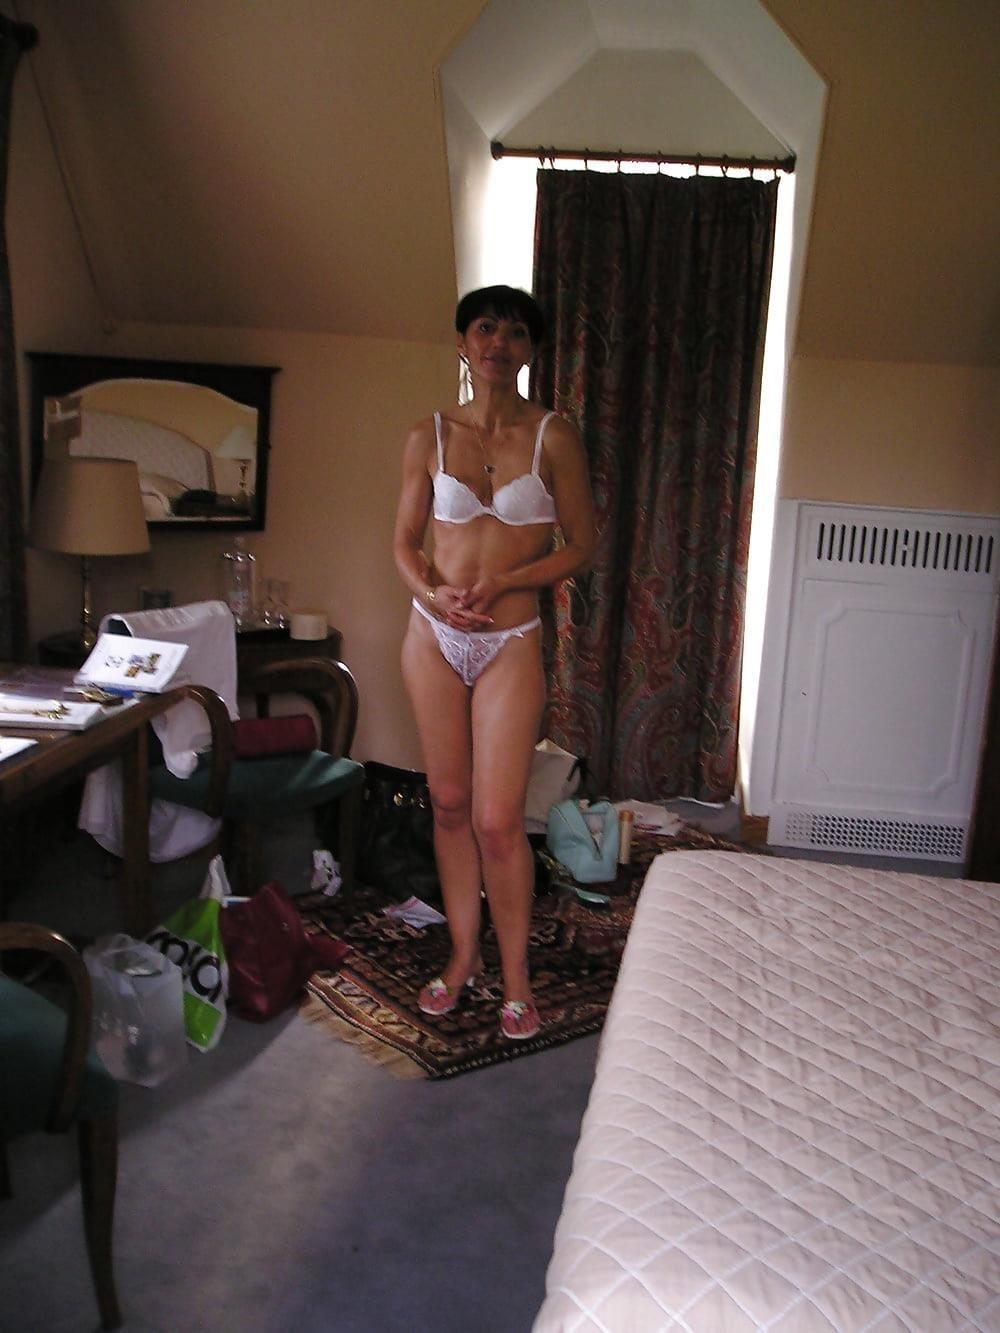 Hot girls bathing naked-6256